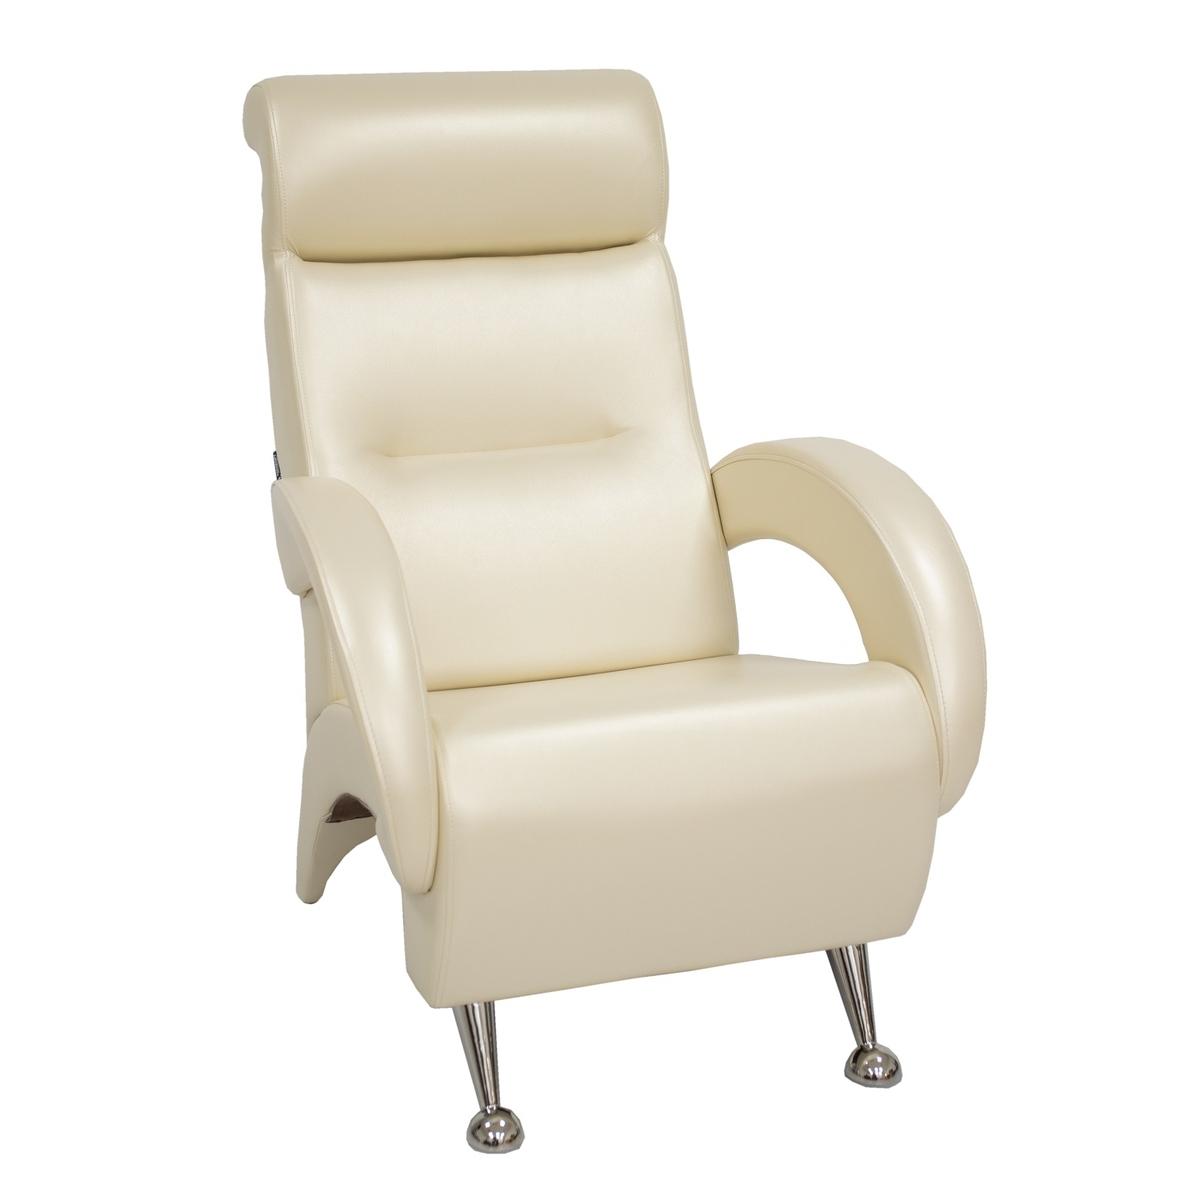 Кресло для отдыха, модель 9-К Кресло для отдыха, модель 9-К (16310) фото